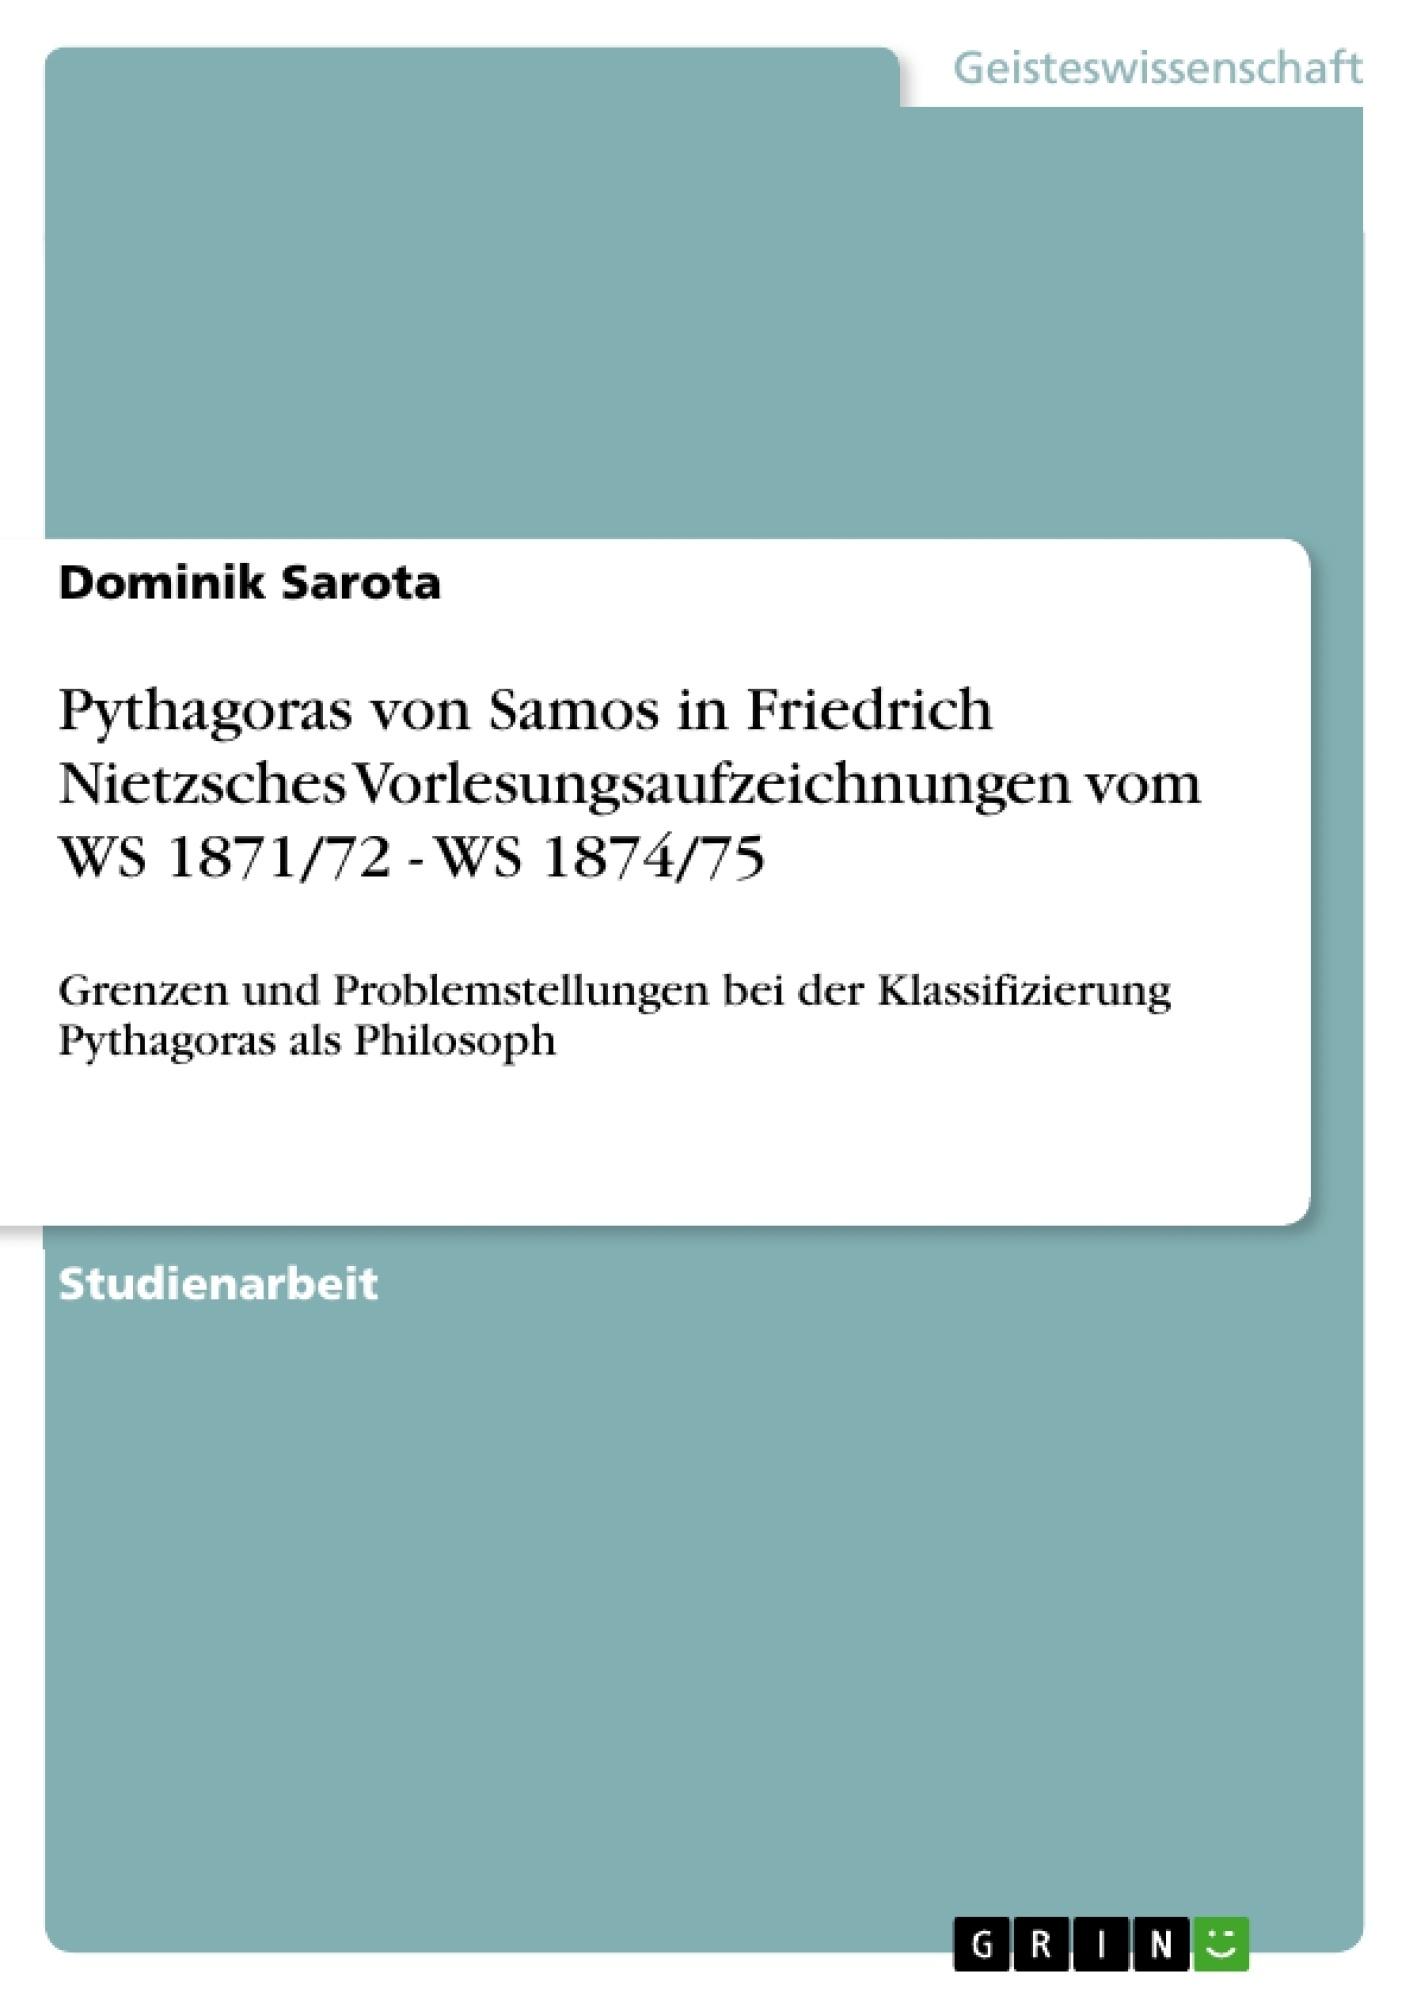 Titel: Pythagoras von Samos in Friedrich Nietzsches Vorlesungsaufzeichnungen vom WS 1871/72 - WS 1874/75